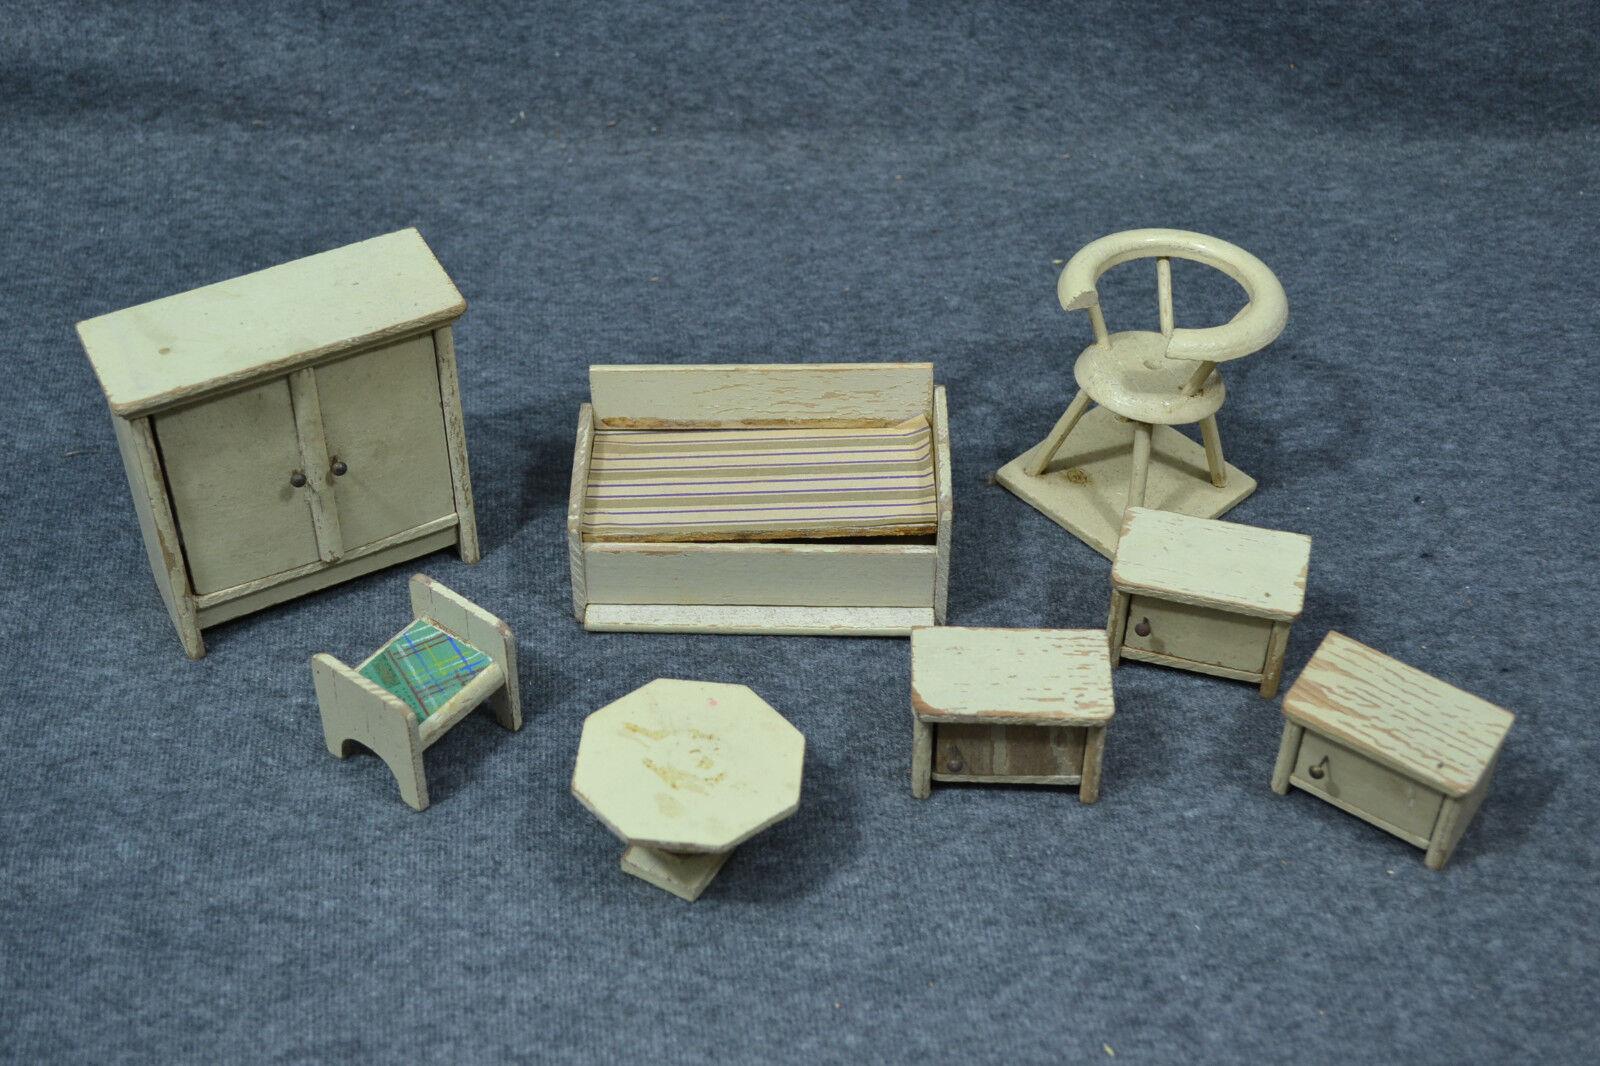 Bambole mobili, legno, fatto a uomoo, ARMADIO, letto, 3 caselle, caselle, caselle, materiali, circa 1920 3f5845